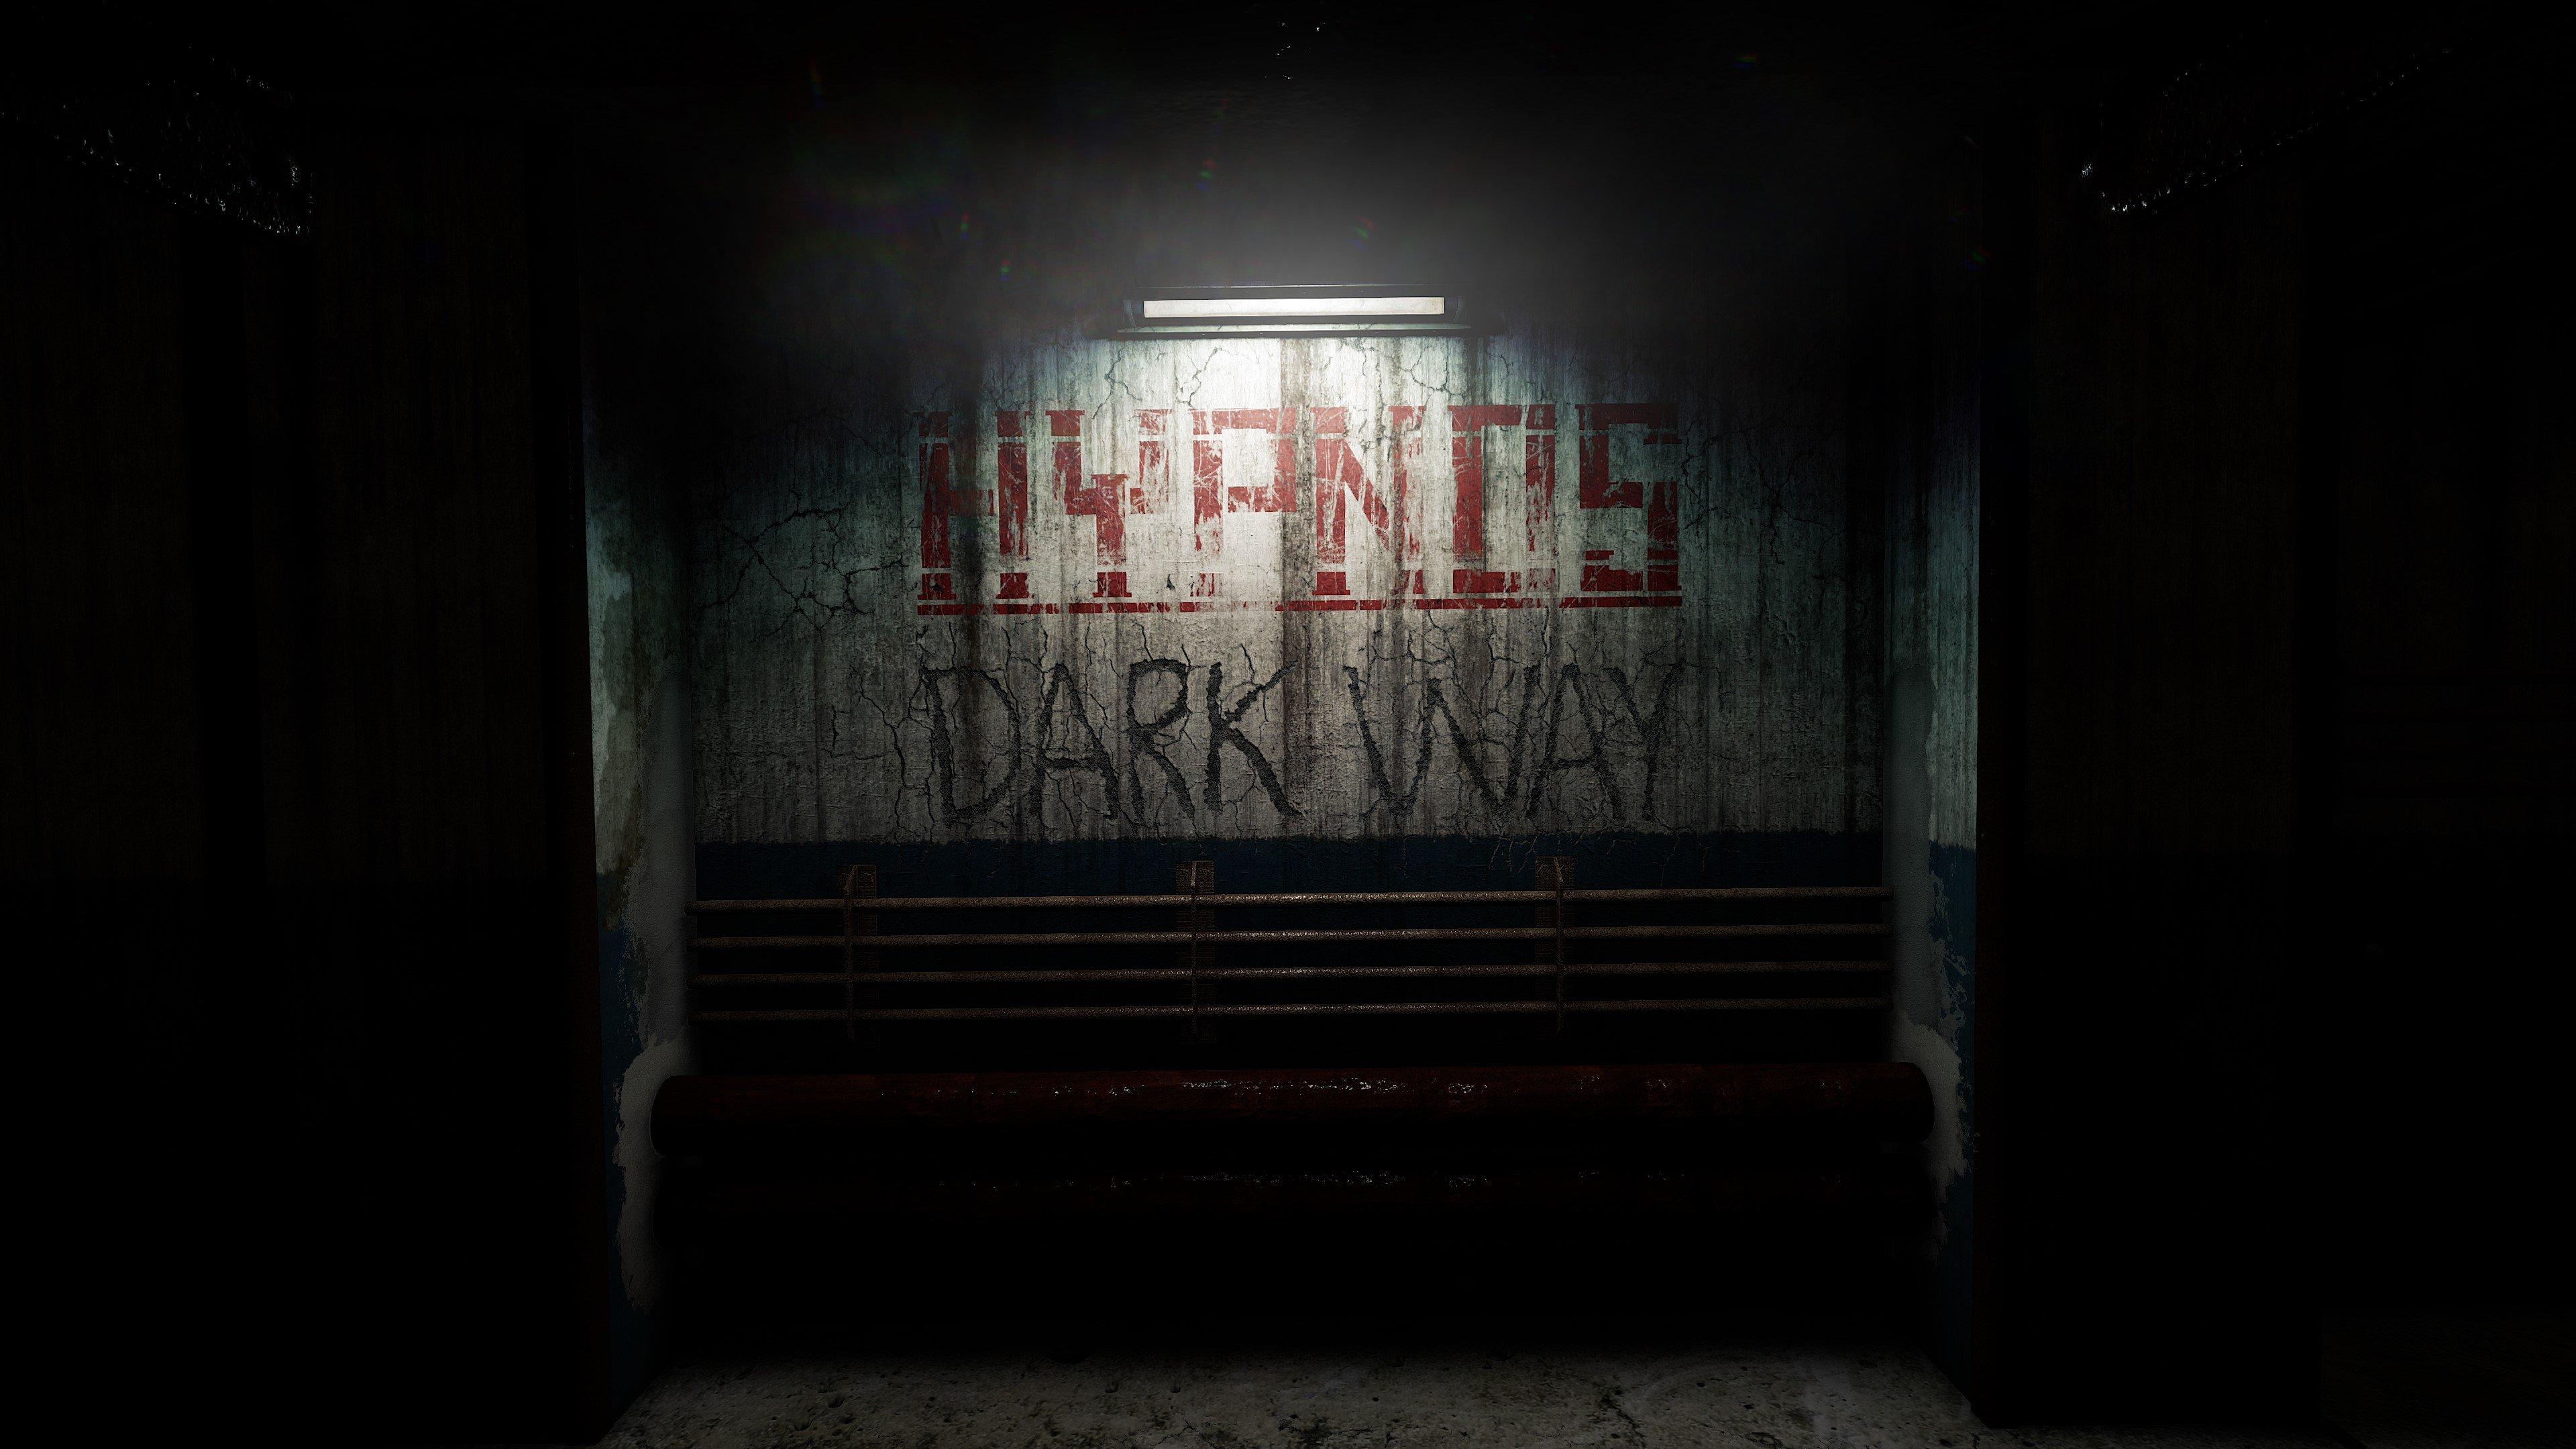 О Hypnos: Dark Way замолвите слово! (версия разработчика) - Изображение 1